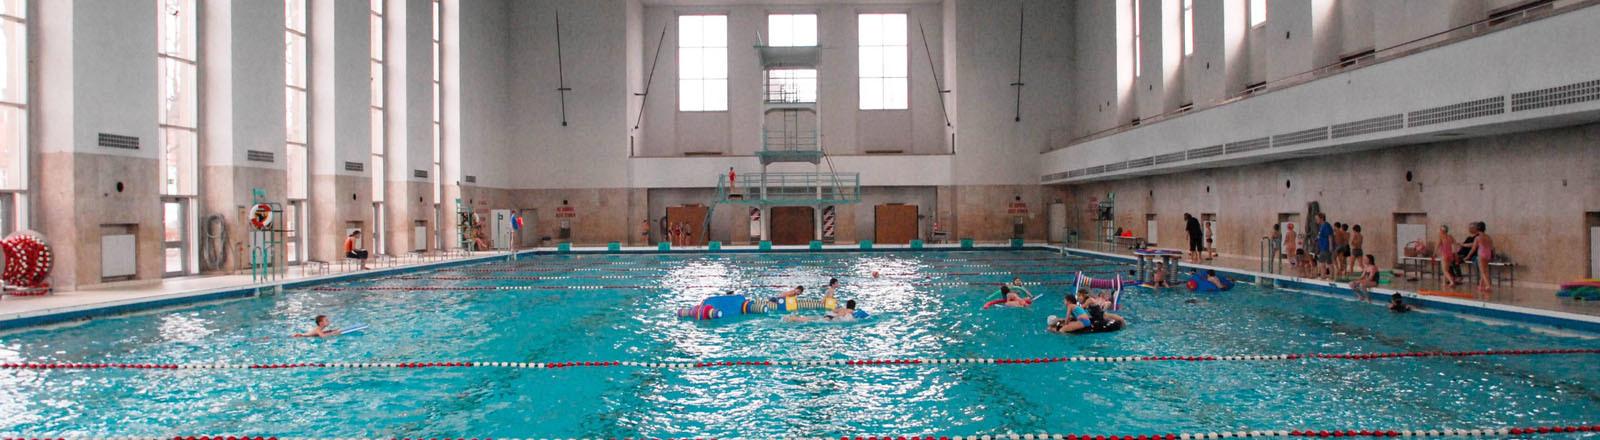 Schwimmbecken, in dem Menschen schwimmen.